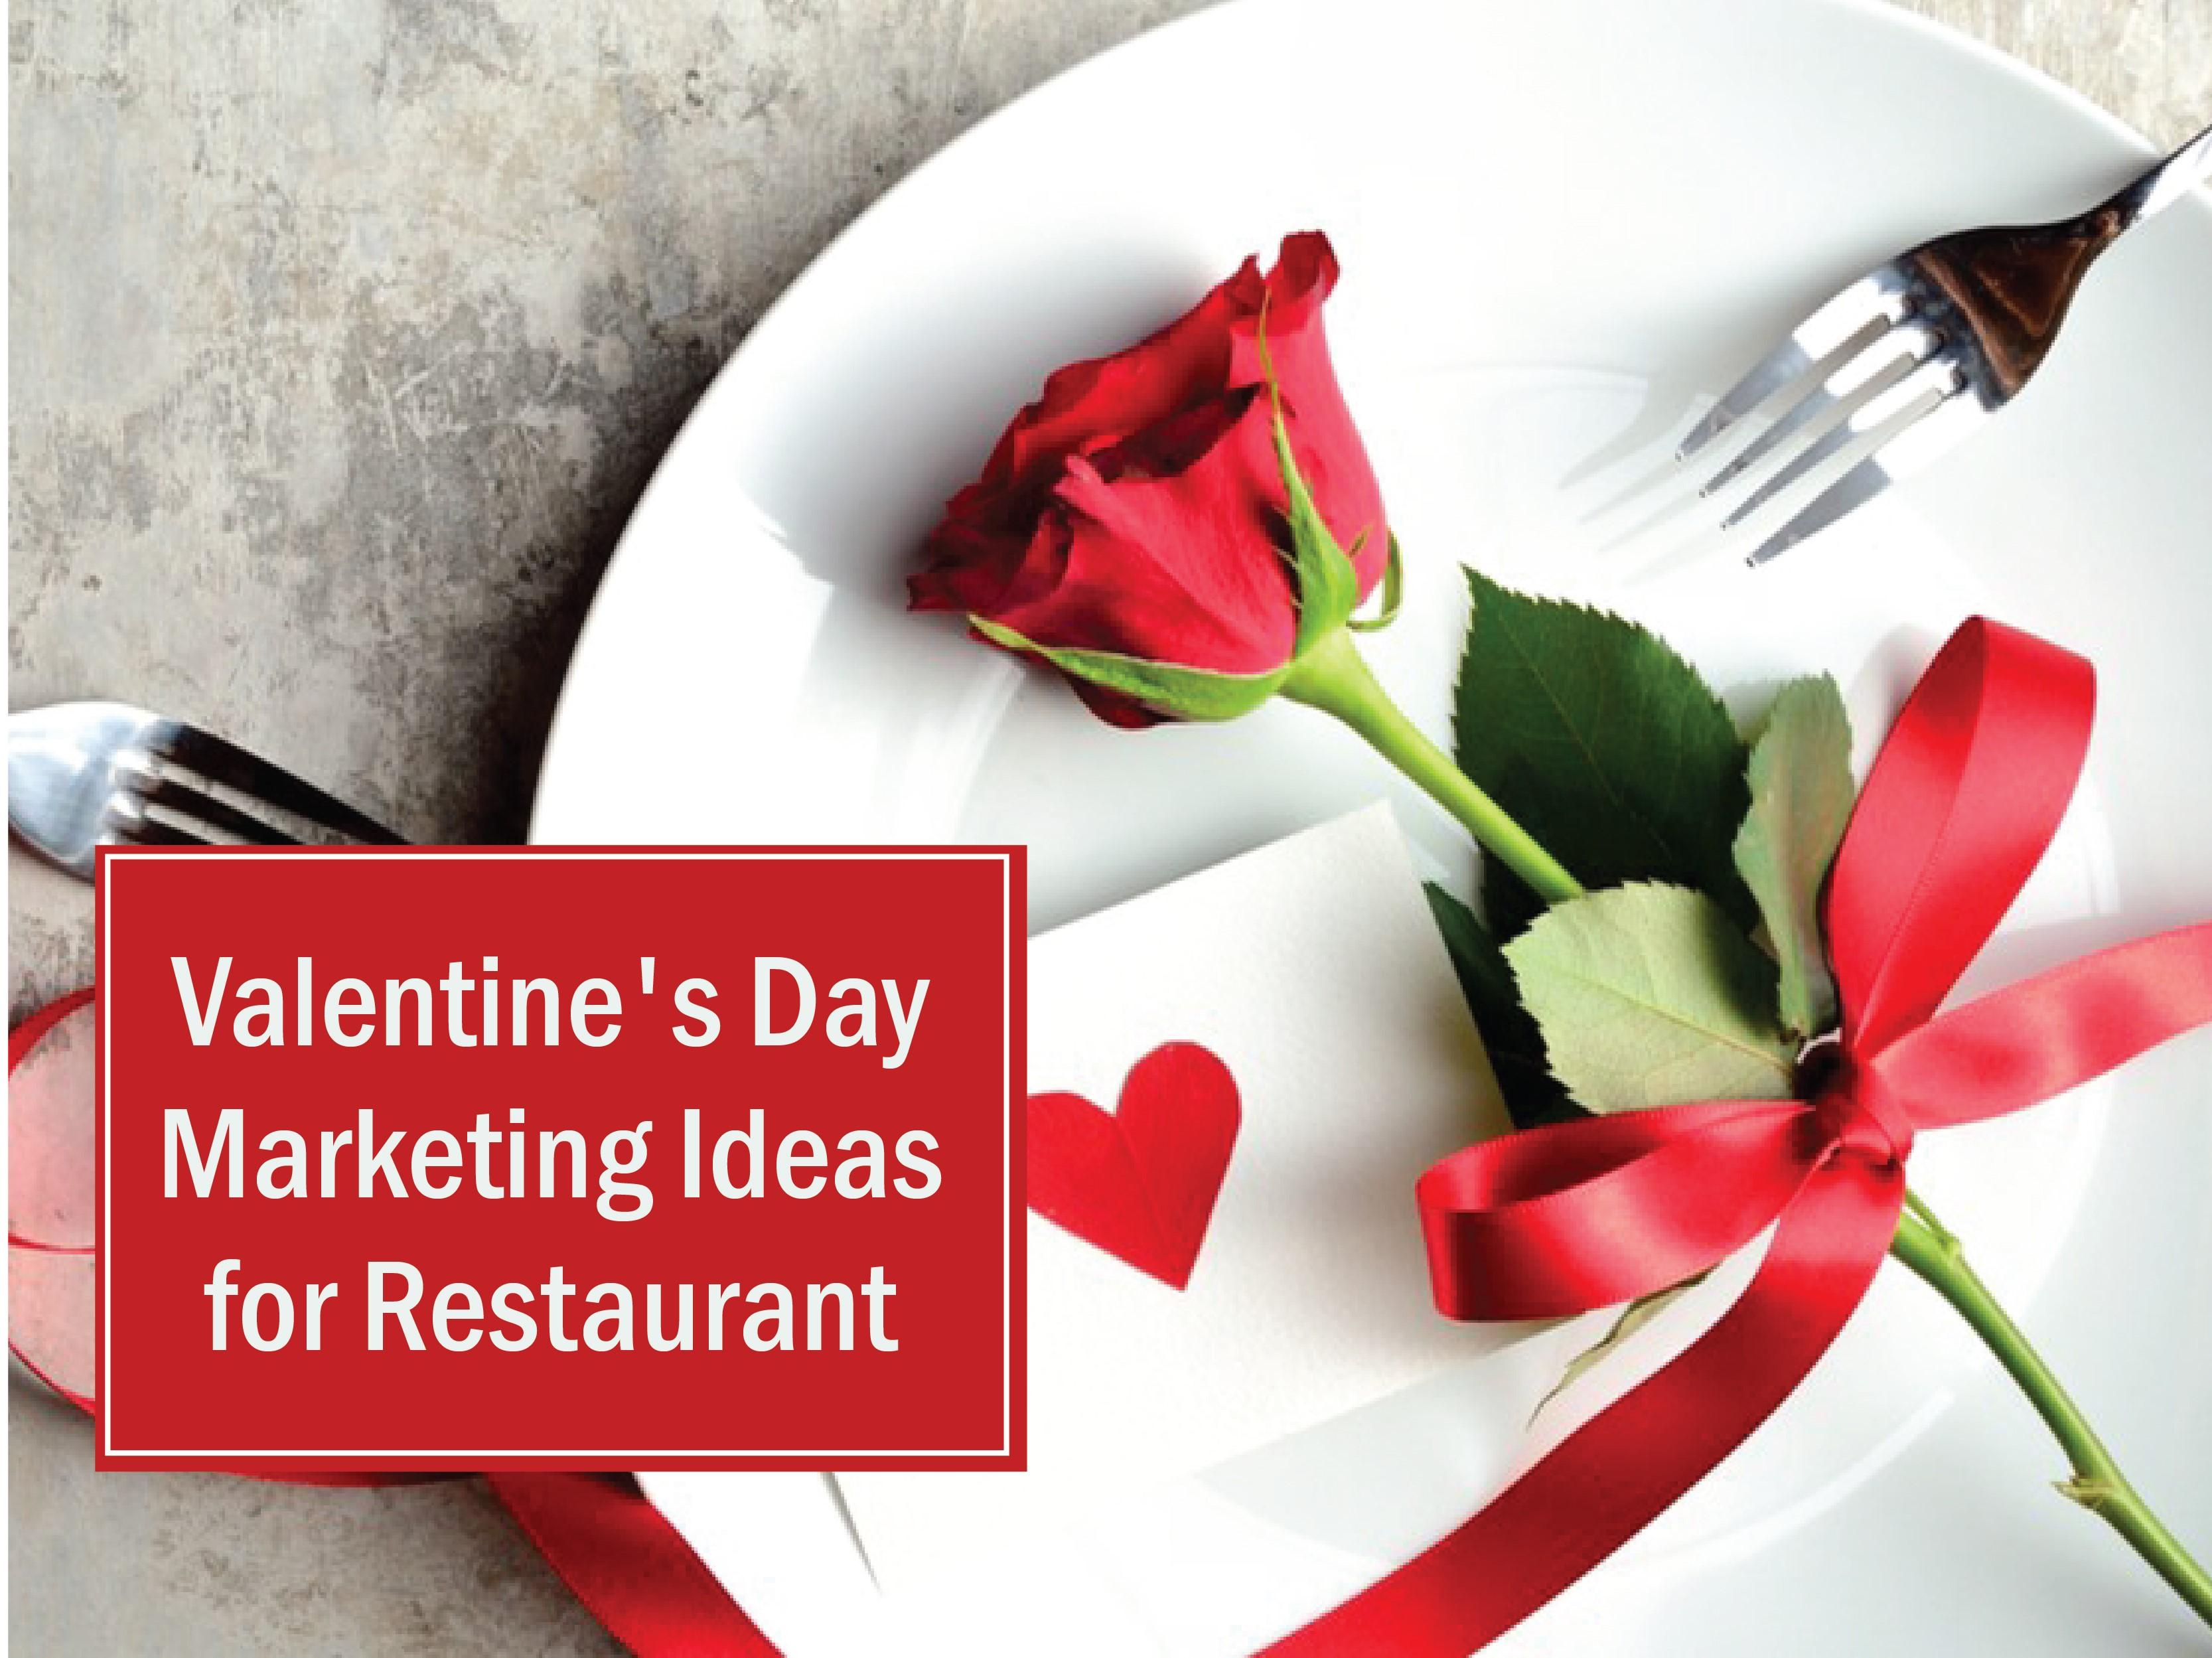 valentine's-day-marketing-ideas-for-restaurant-2019